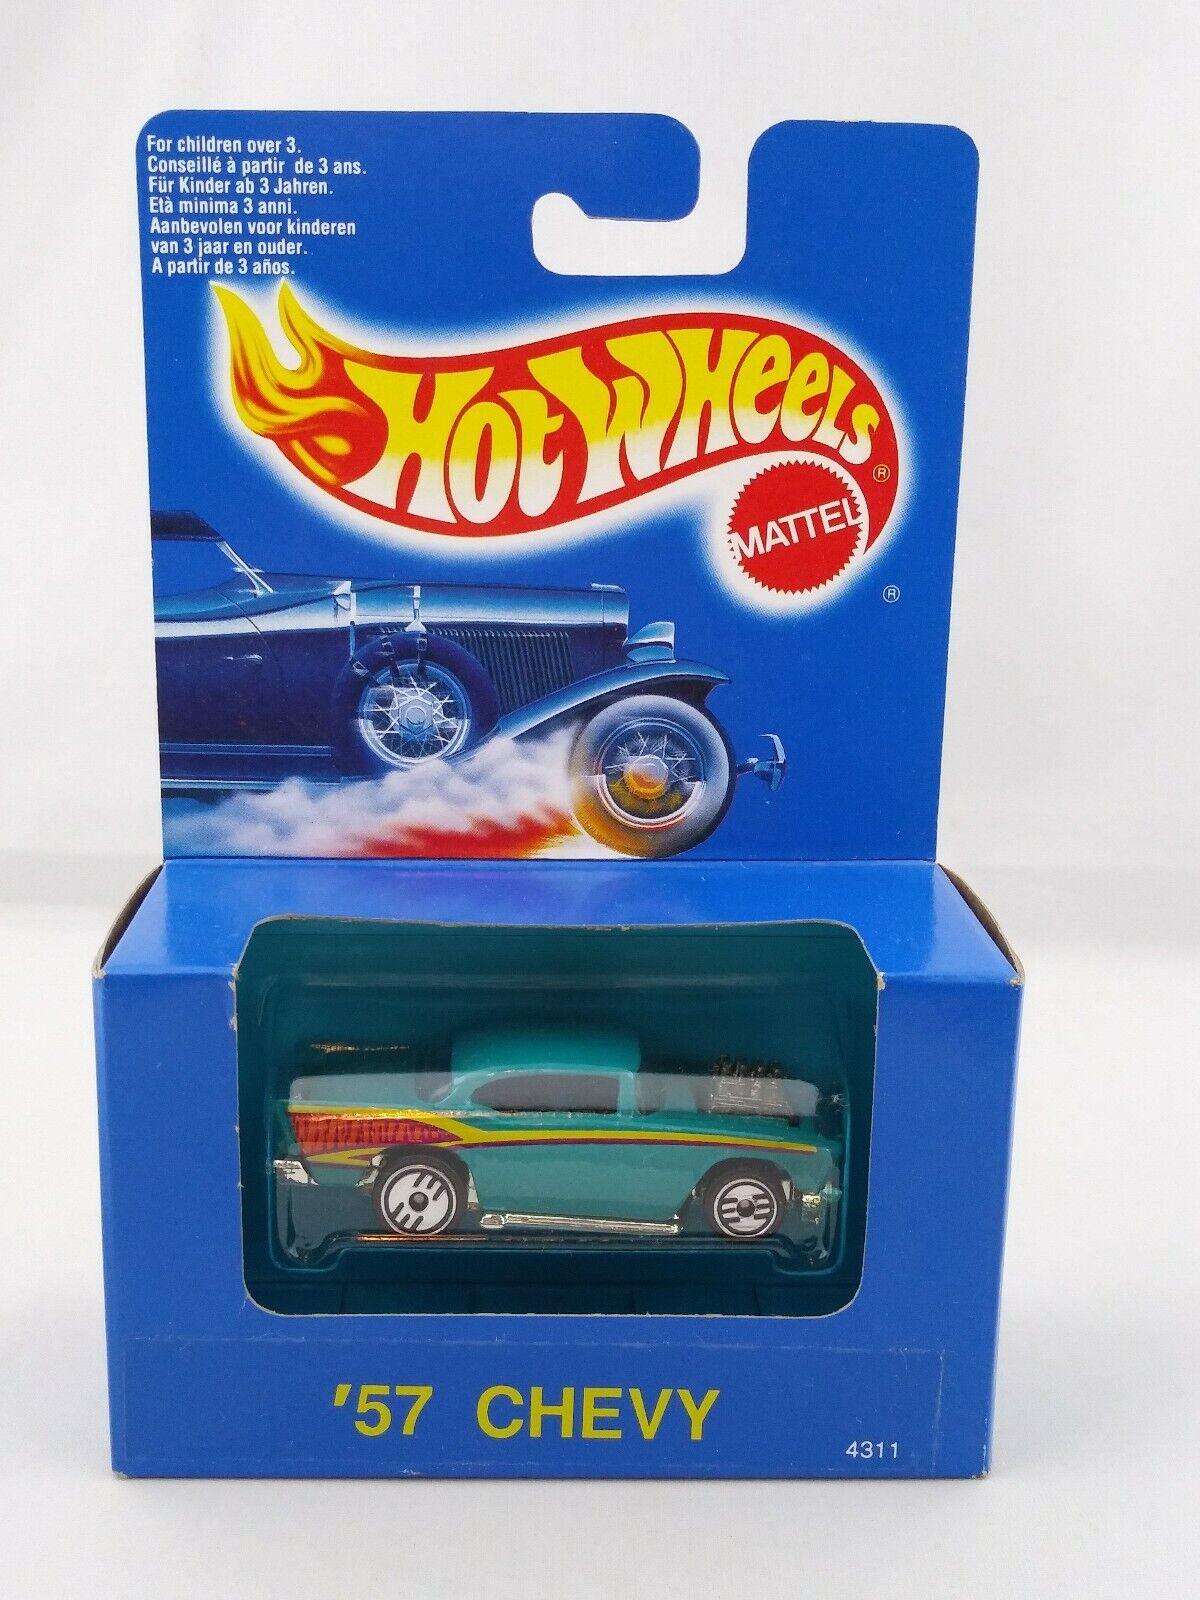 1990 heiß Wheels Blau Box voitured  4311 '57 Chevy Turquoise Ultra heiß International